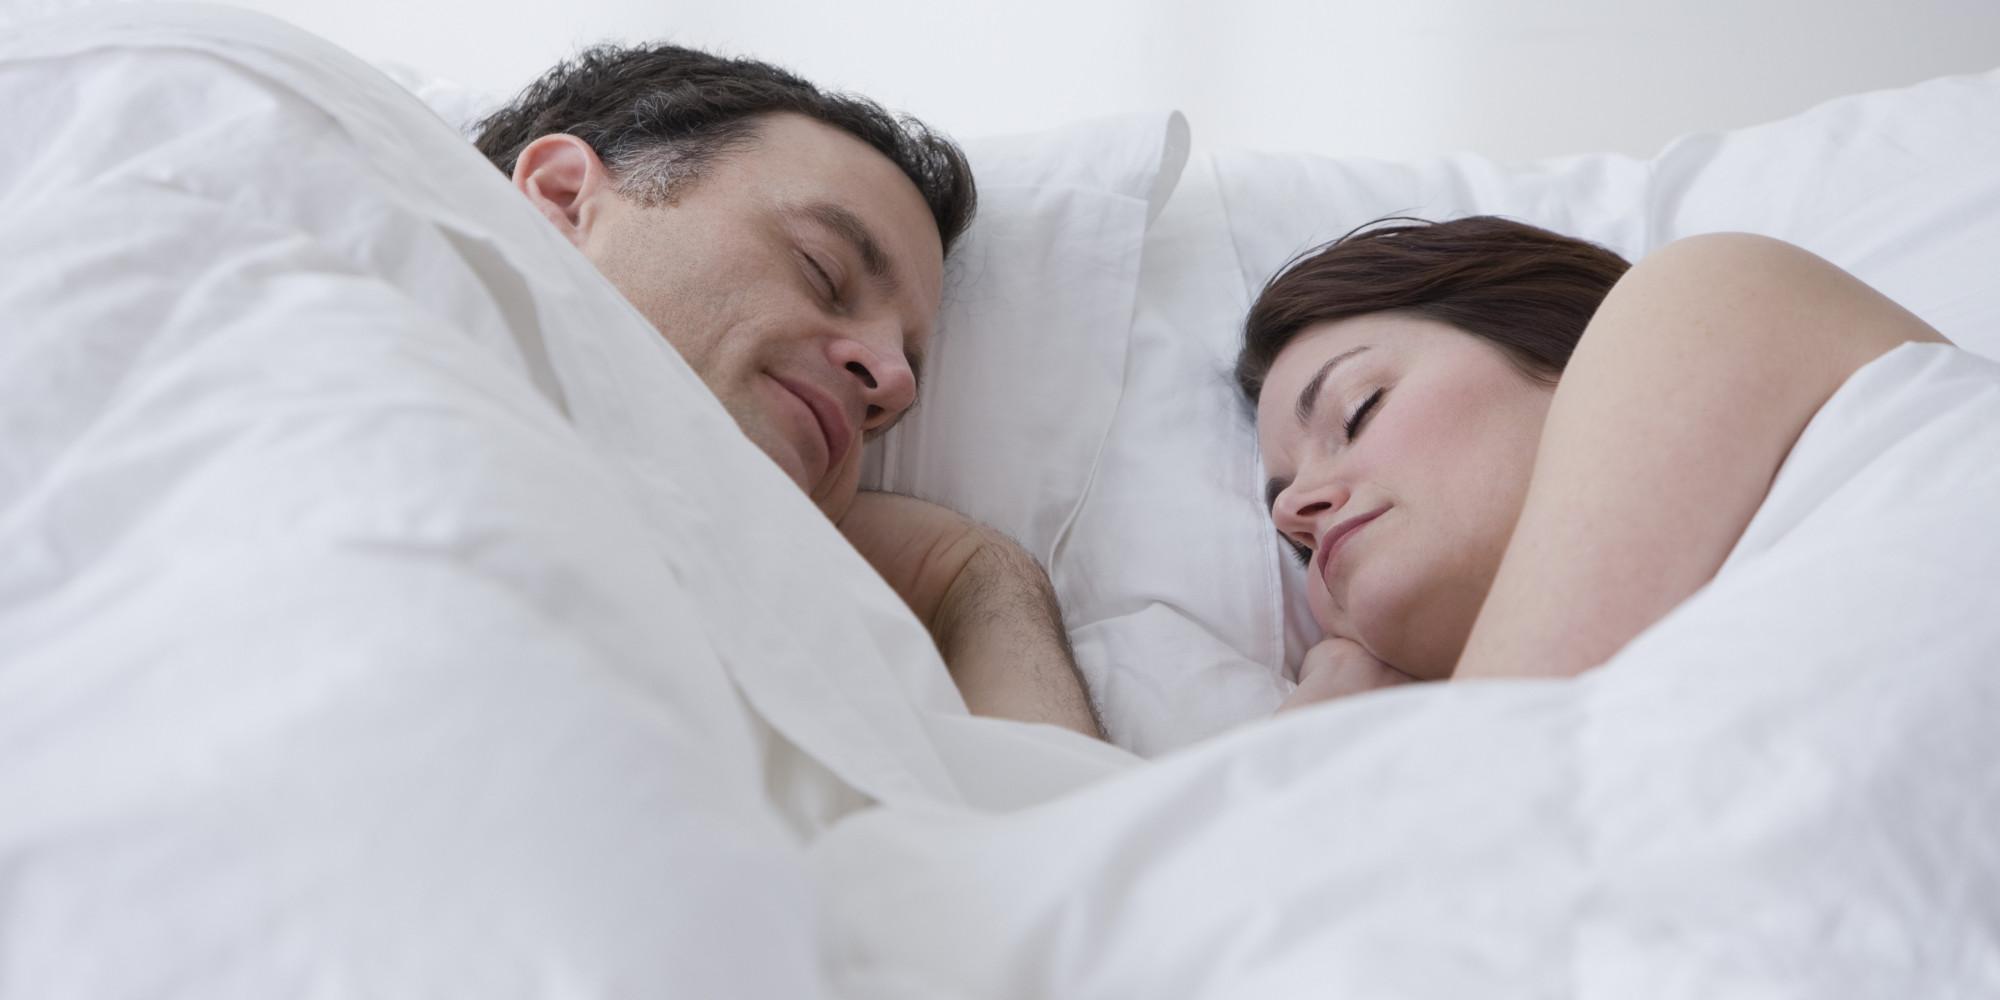 Trop dormir est mauvais pour la sant dr michael j breus - Dormir la tete a l est ...